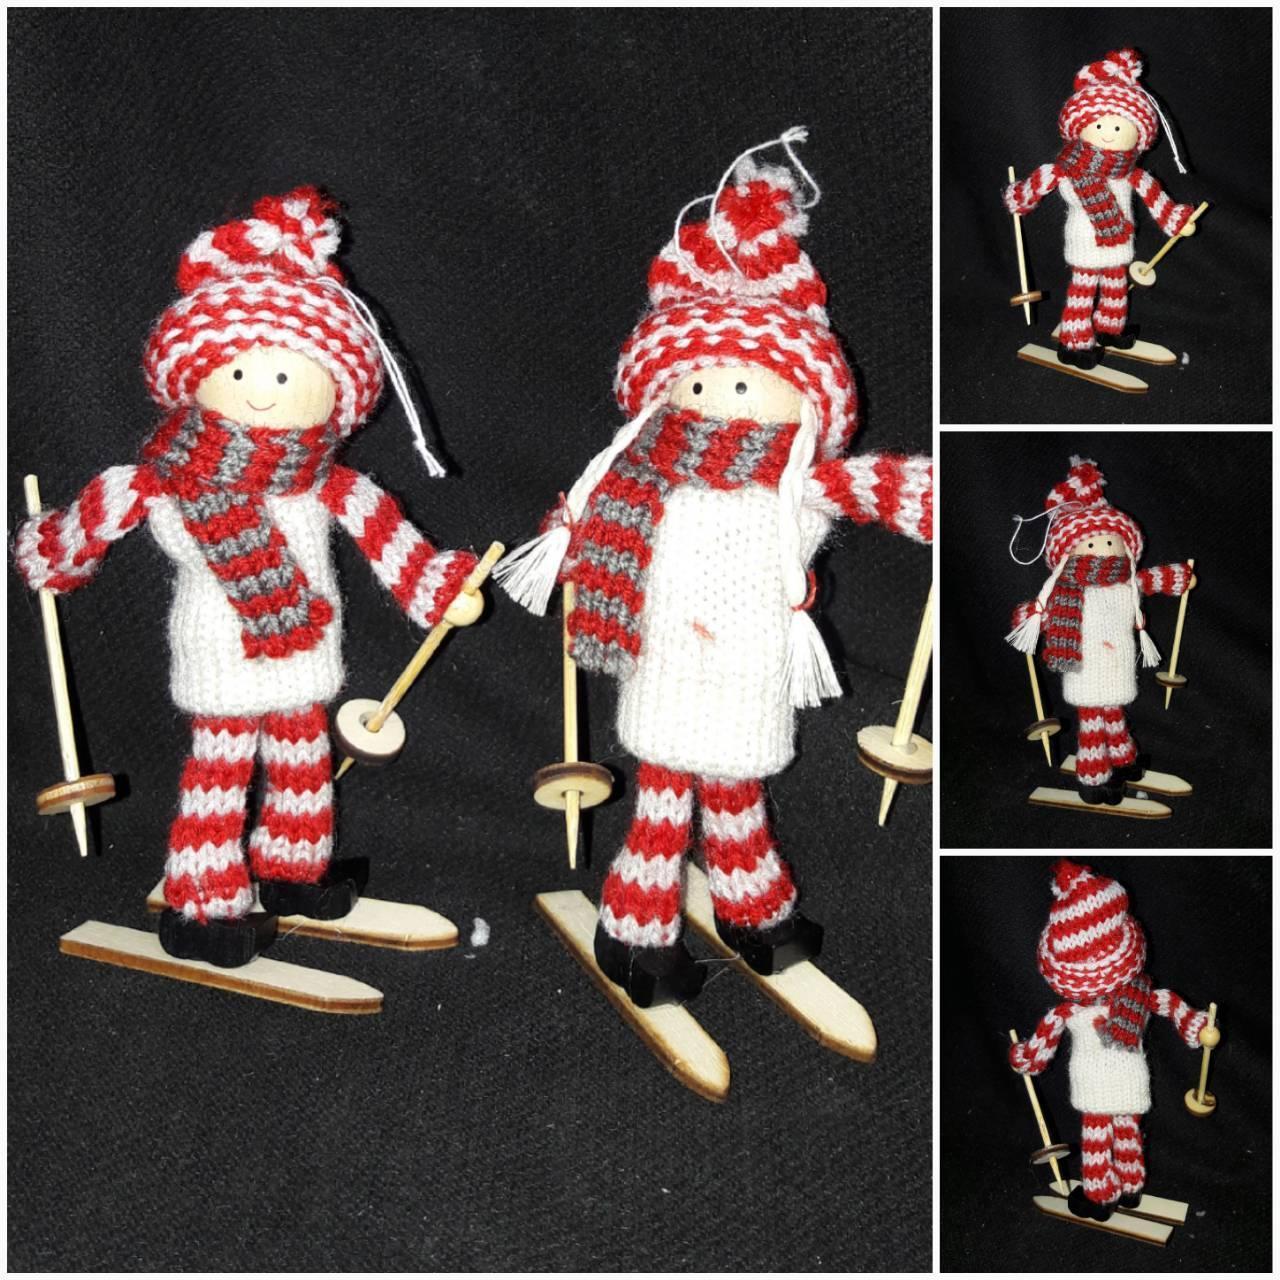 """Красивая игрушка на елку """"Мальчик на лыжах"""", высота около 15 см., 70/56 (цена за 1 шт. + 14 гр.)"""